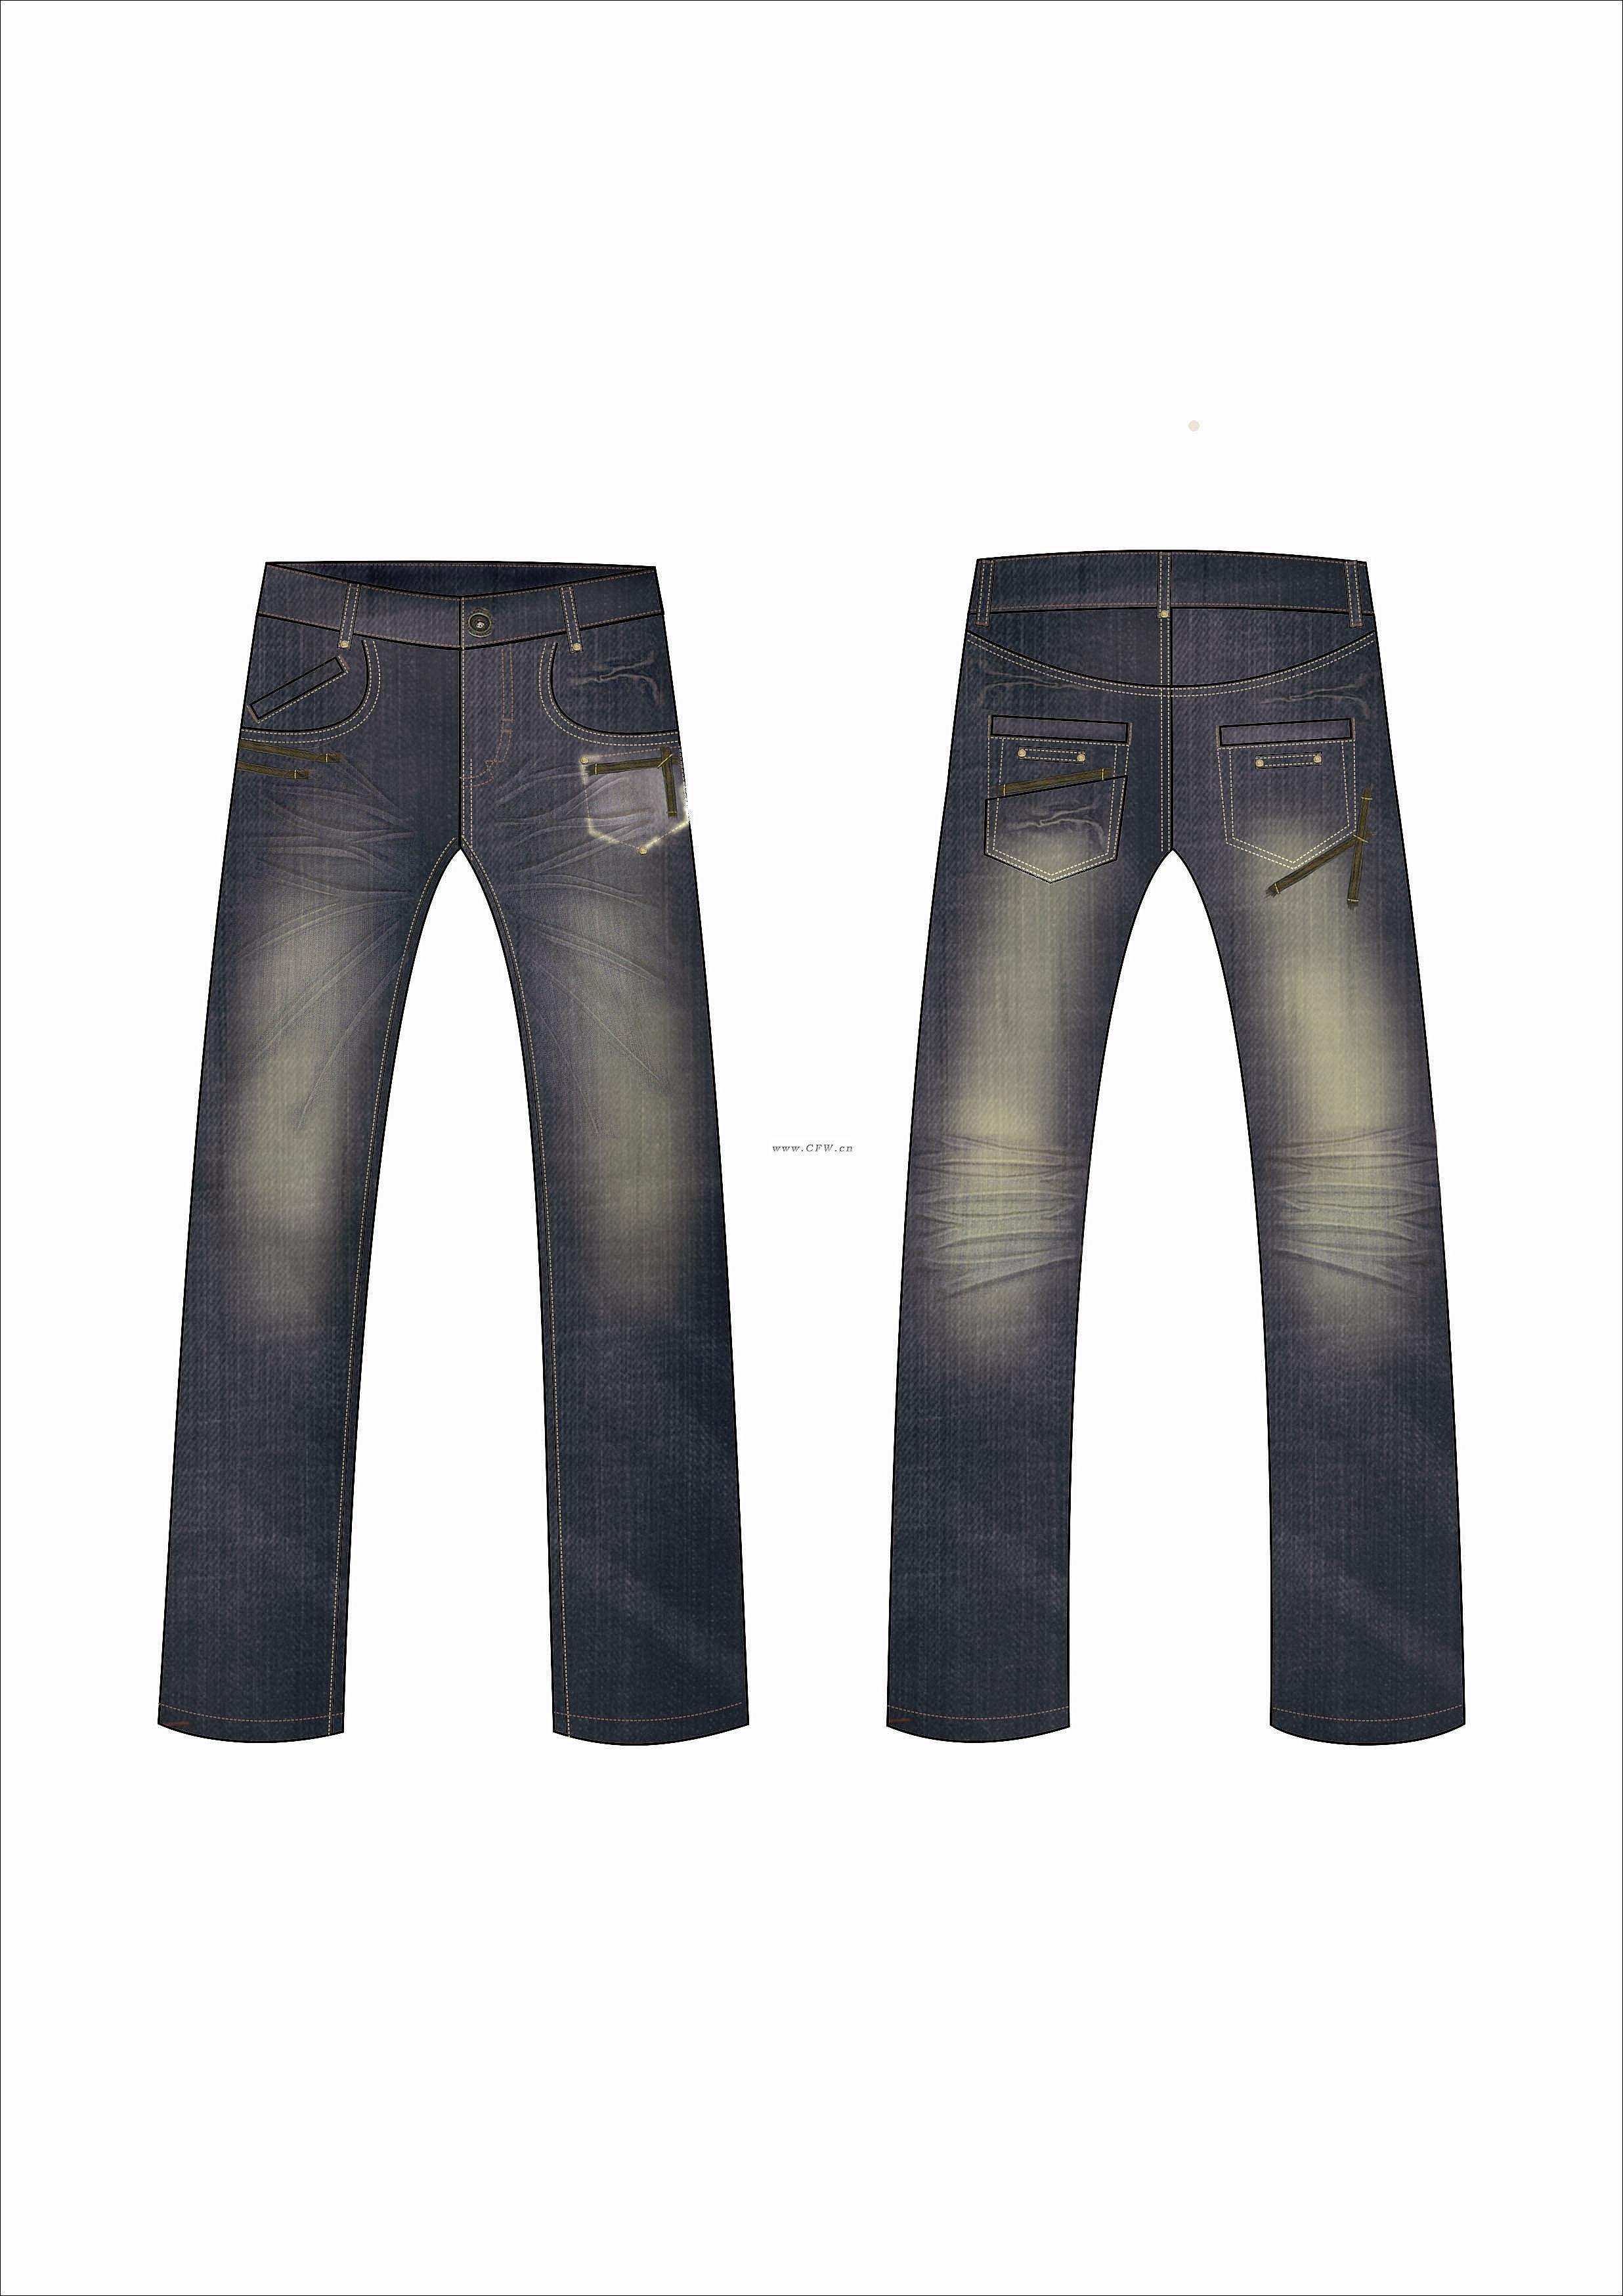 男士牛仔裤设计-男牛仔裤款式图-服装设计